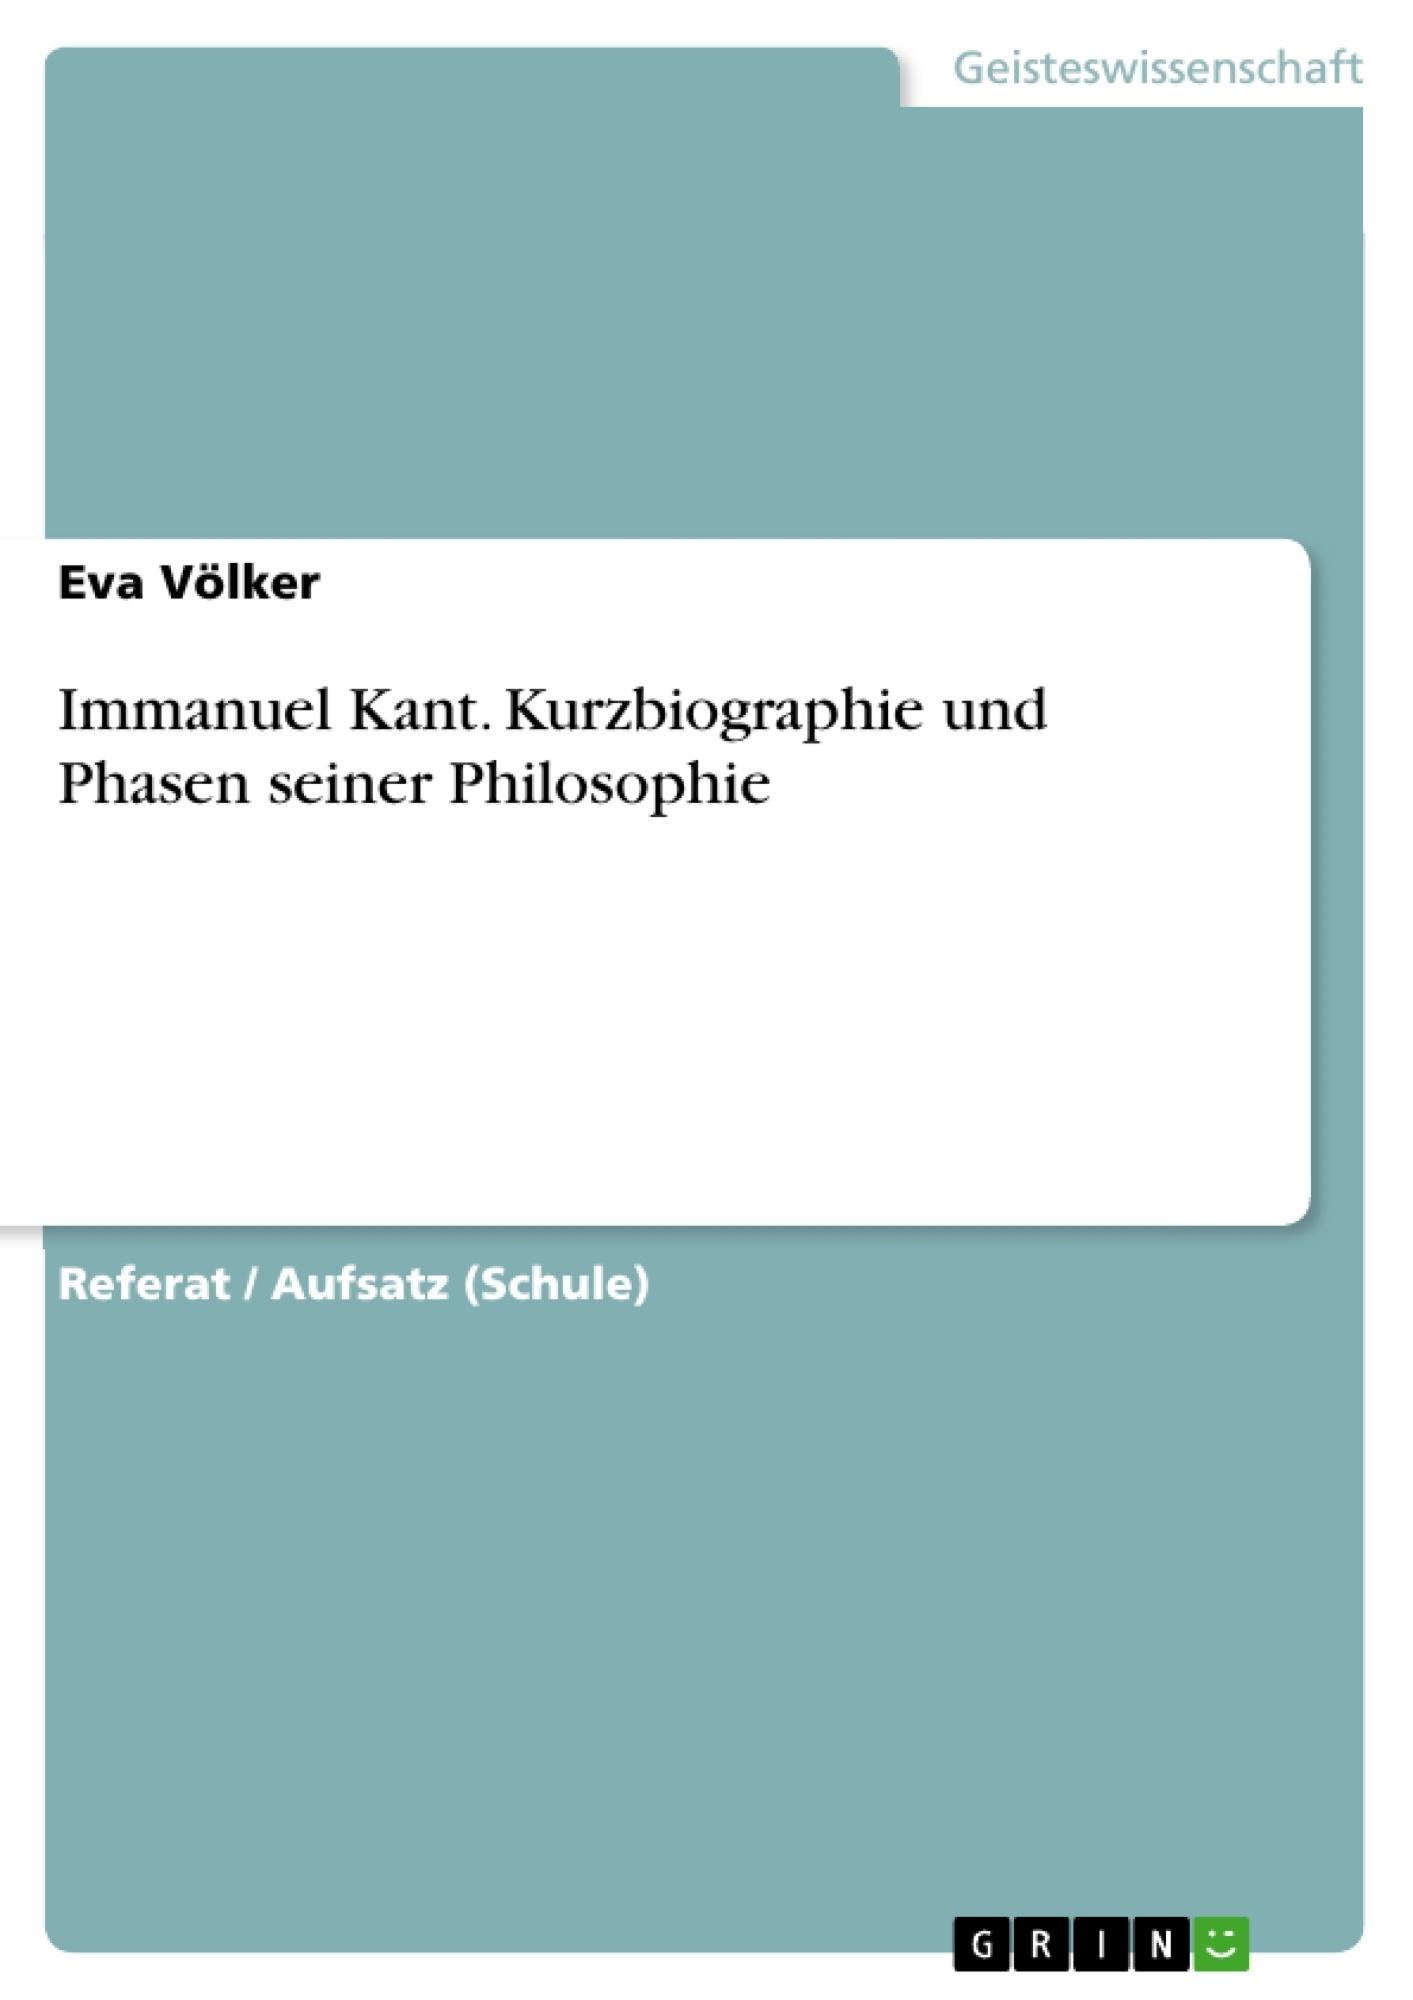 Titel: Immanuel Kant. Kurzbiographie und Phasen seiner Philosophie